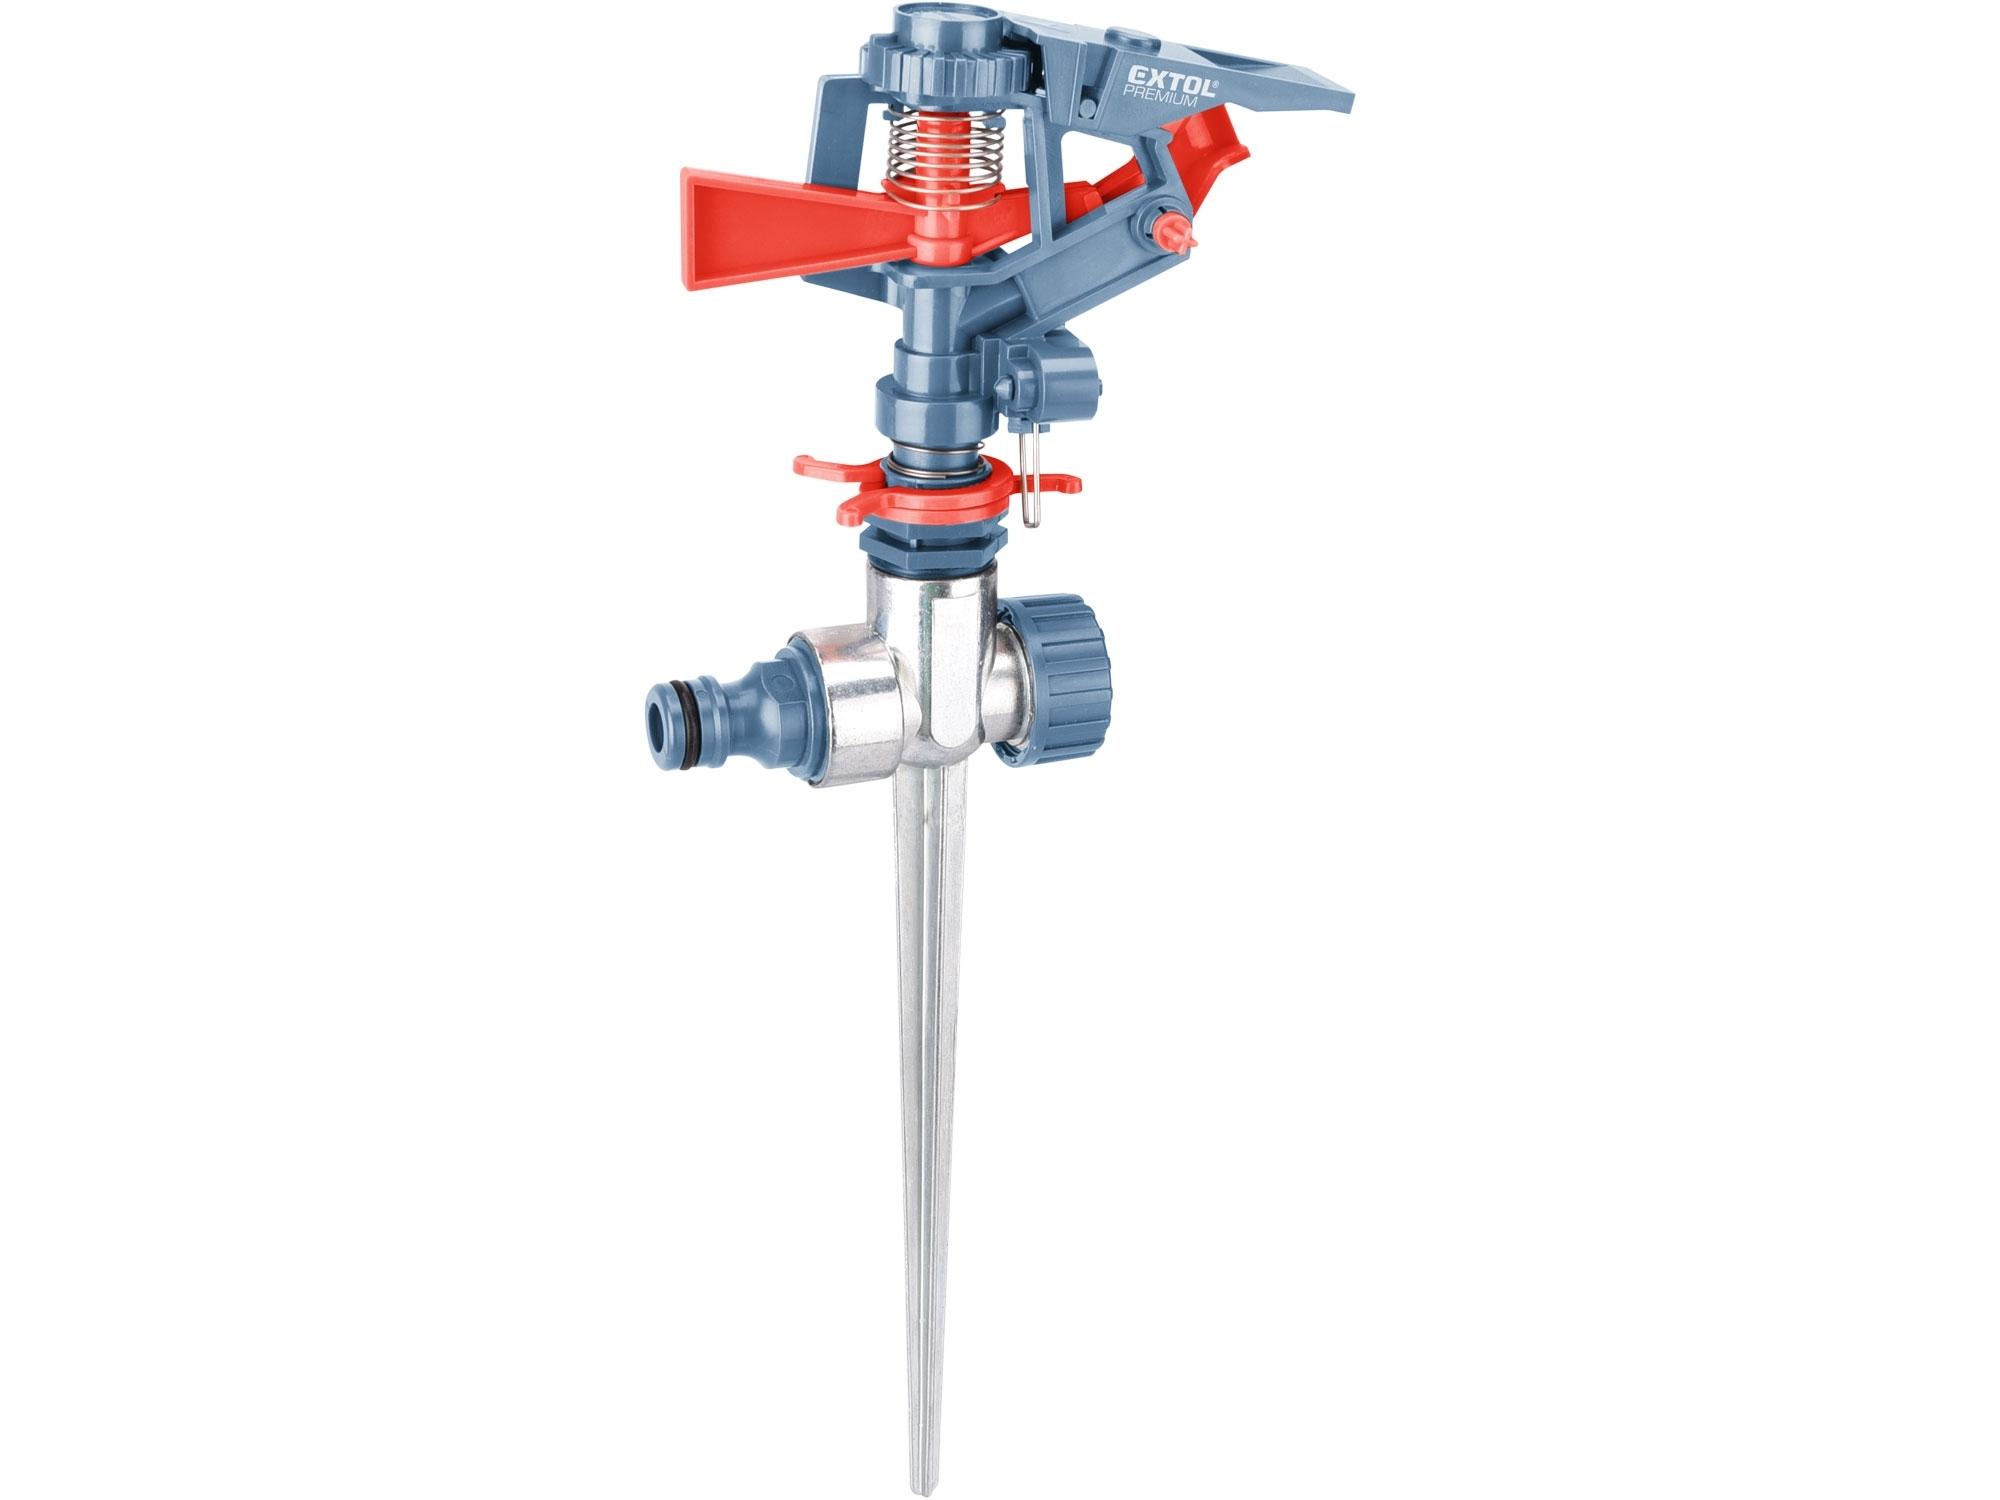 zavlažovač pulzní zapichovací, s kovovým bodcem